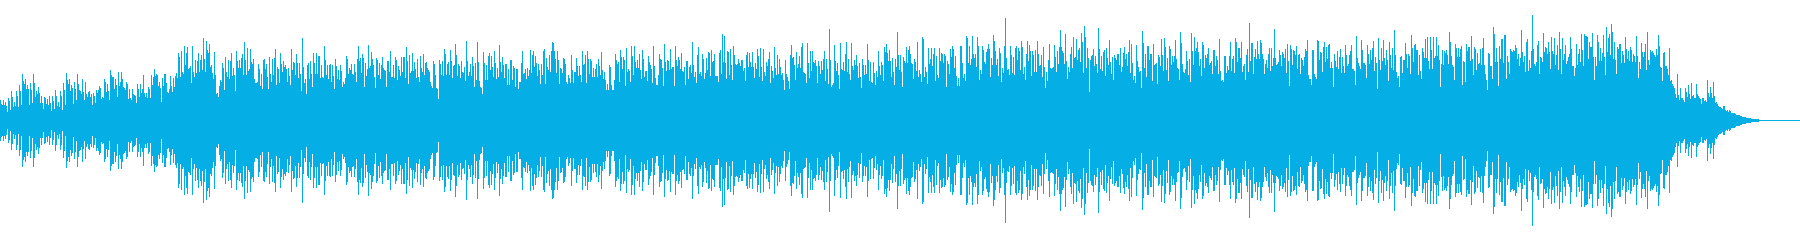 法人 センチメンタル 技術的な 説...の再生済みの波形